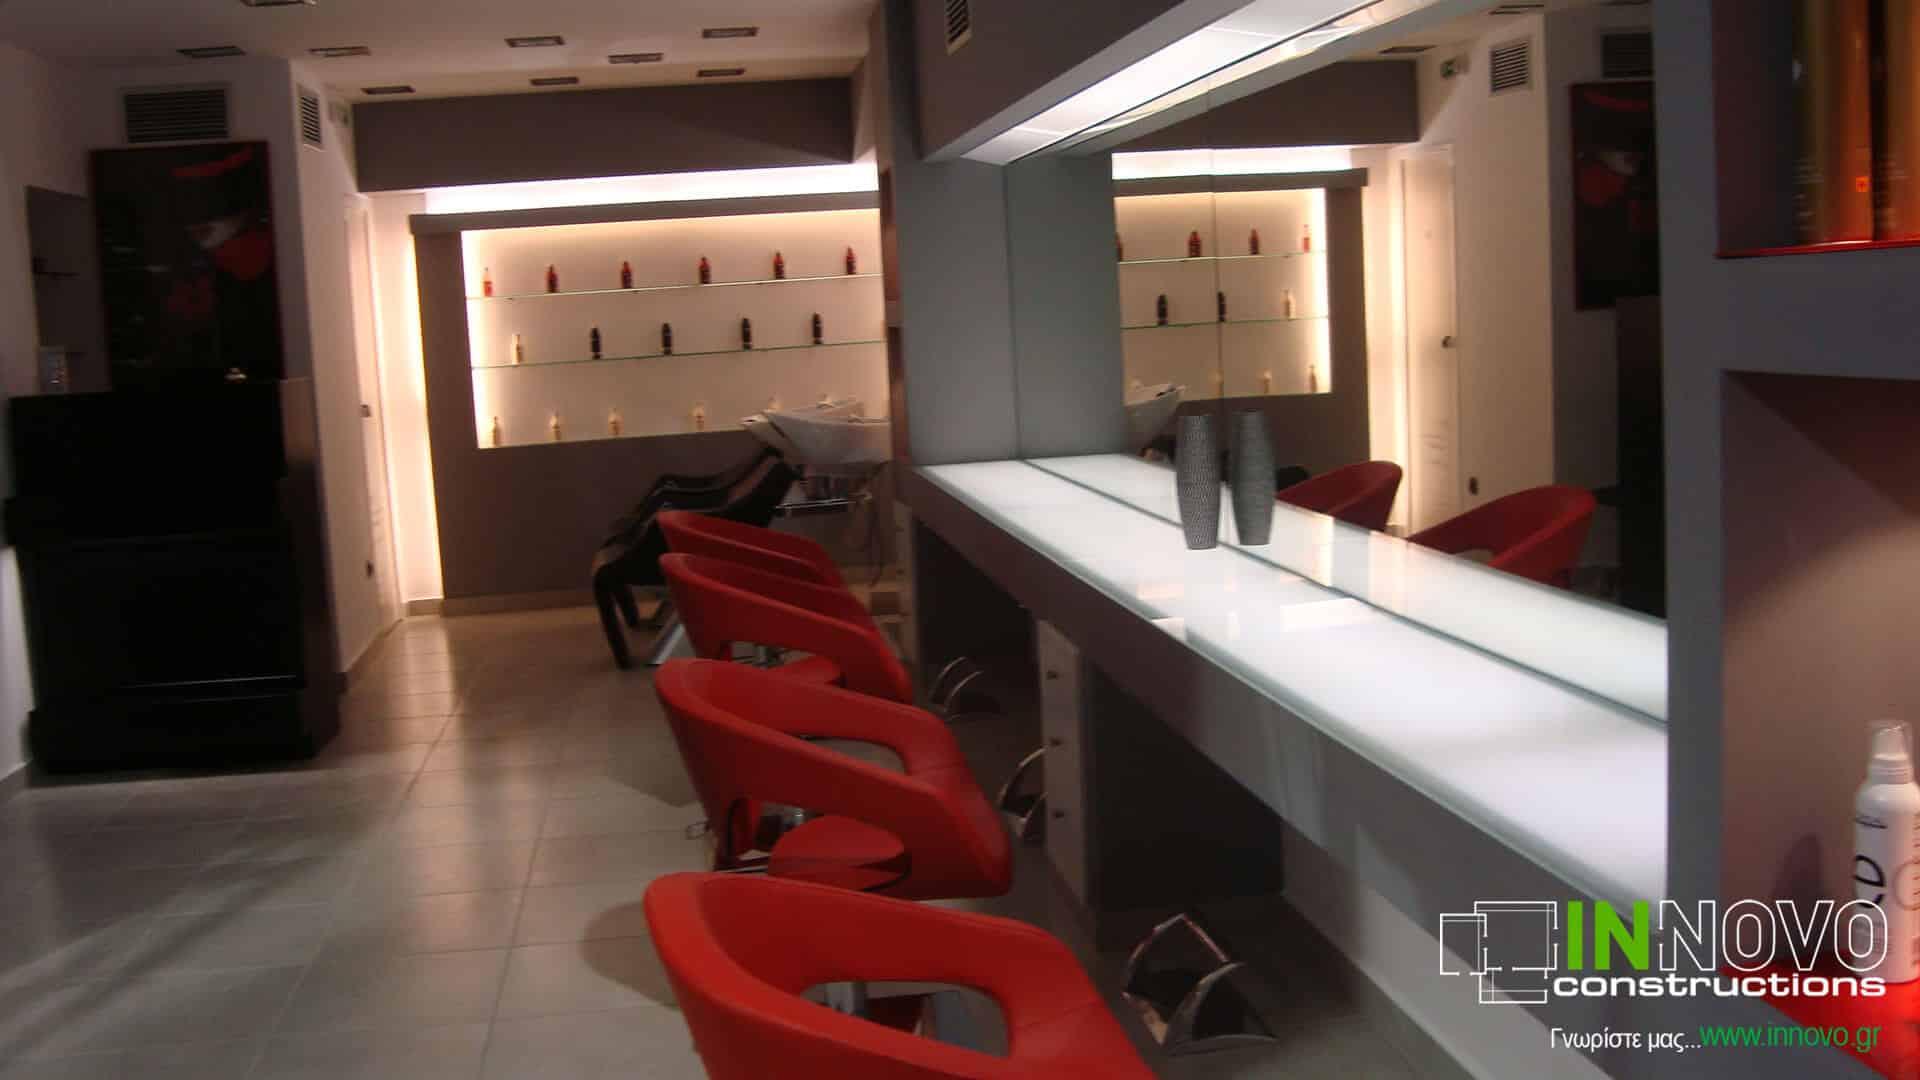 diakosmisi-kommotiriou-hairdressers-design-kommotirio-nafplio-1071-26